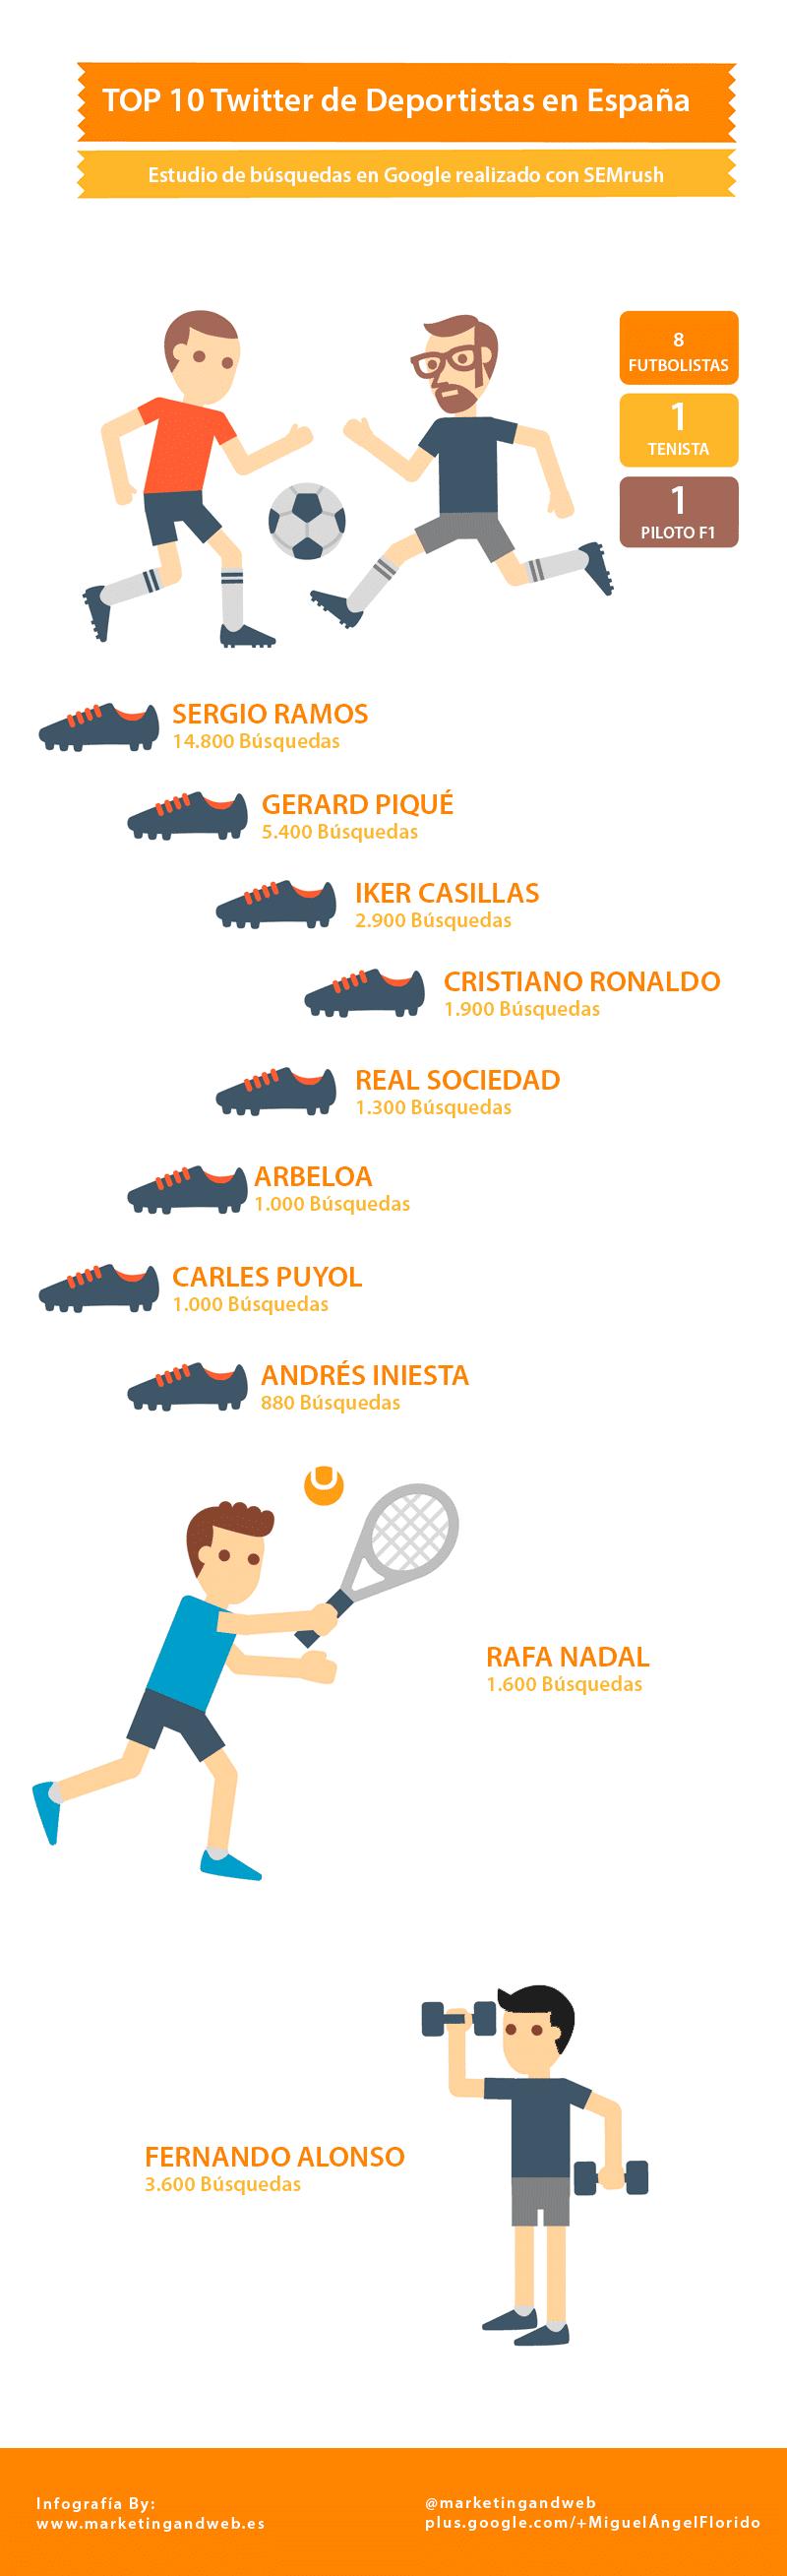 top 10 twitter de deportistas en espanol